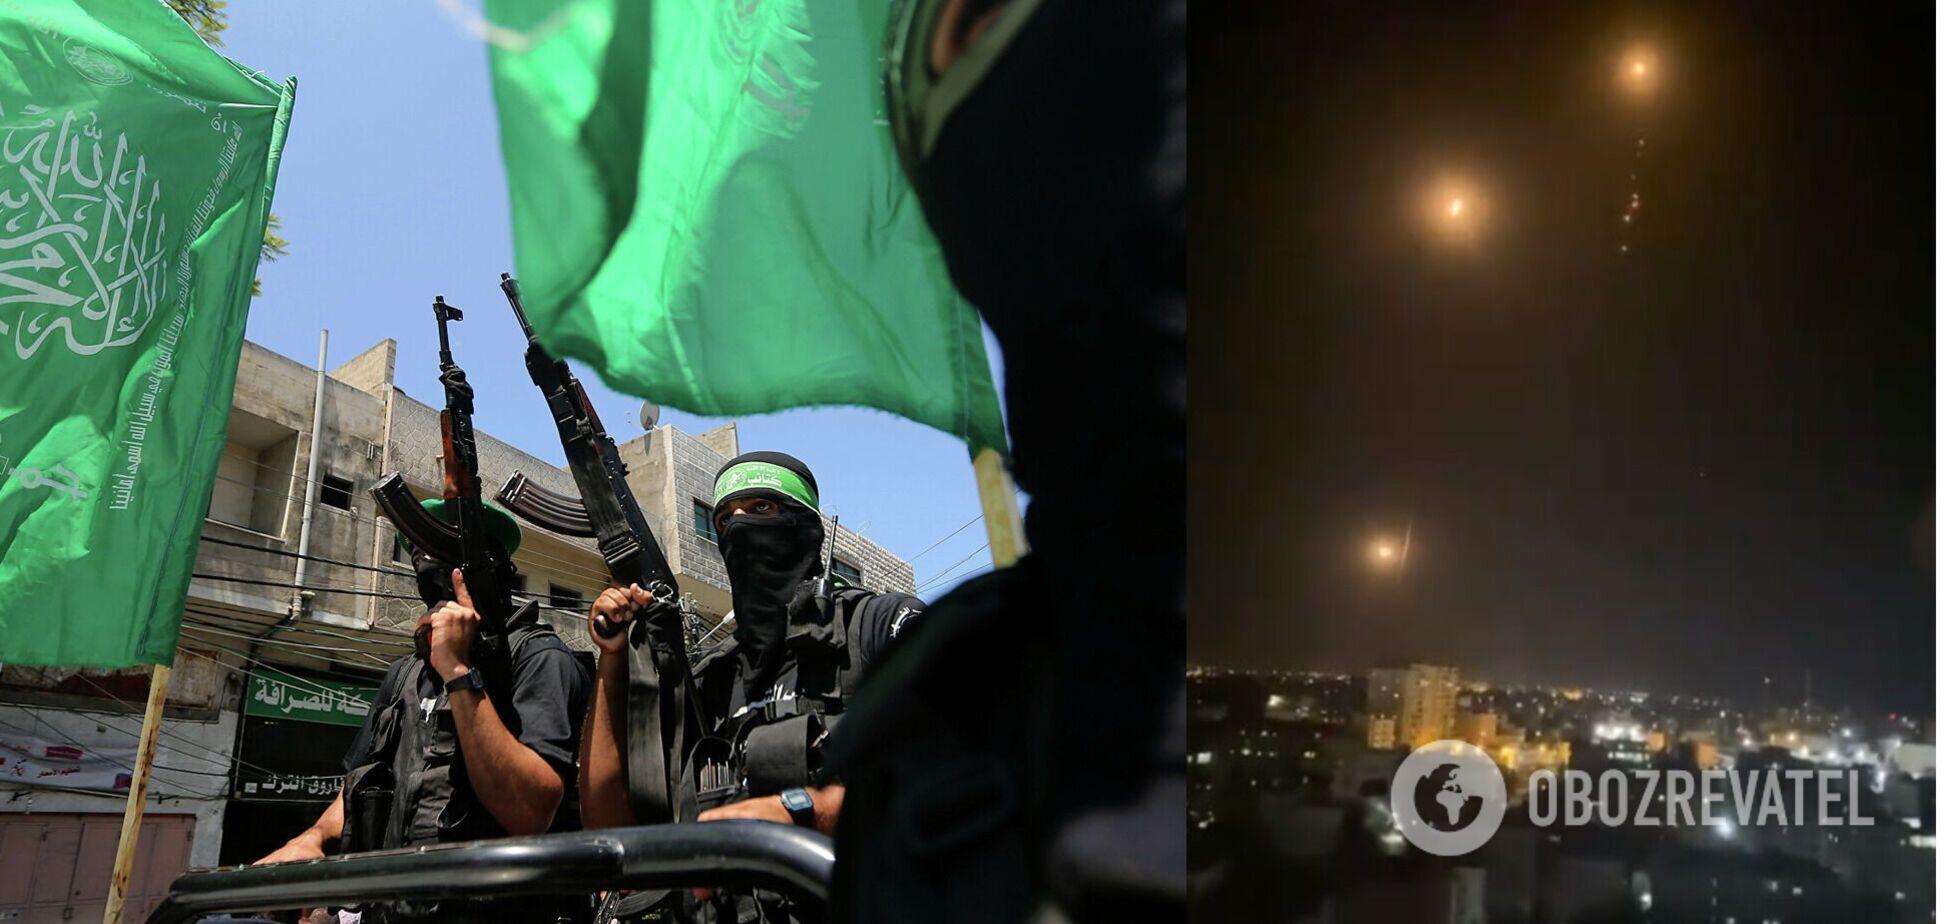 ХАМАС випустив понад сотню ракет по Тель-Авіву. Відео